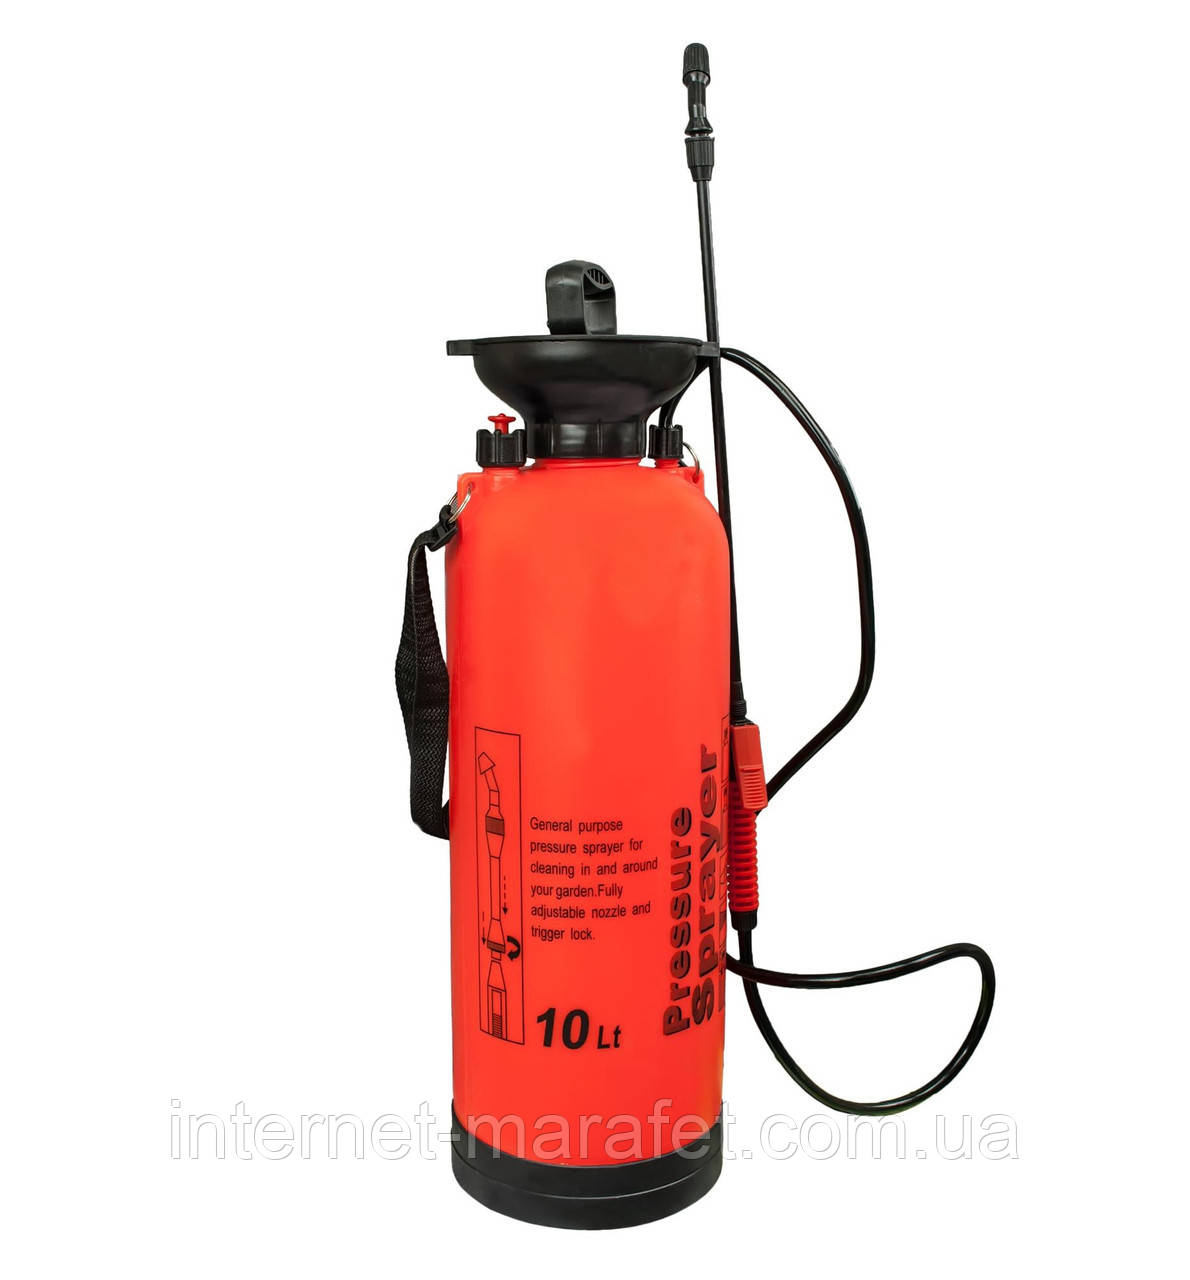 Ручной опрыскиватель Pressure Sprayer (10 литров)